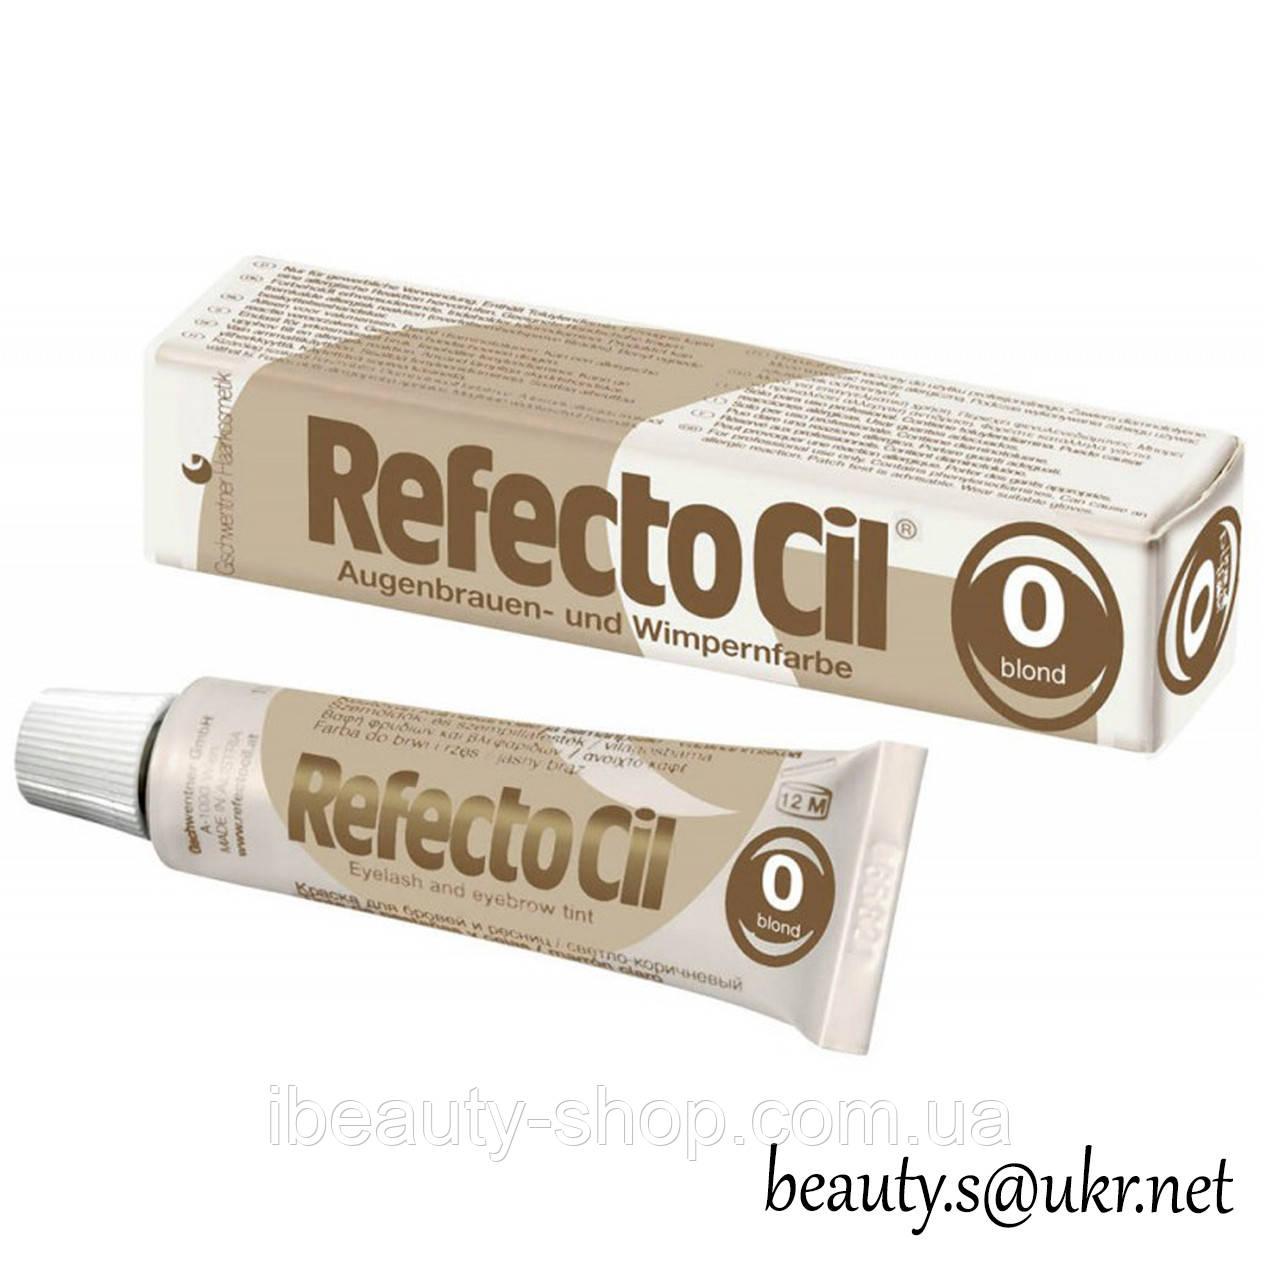 RefectoСil №0 Осветлитель для бровей и ресниц (Рефектоцил),15 мл